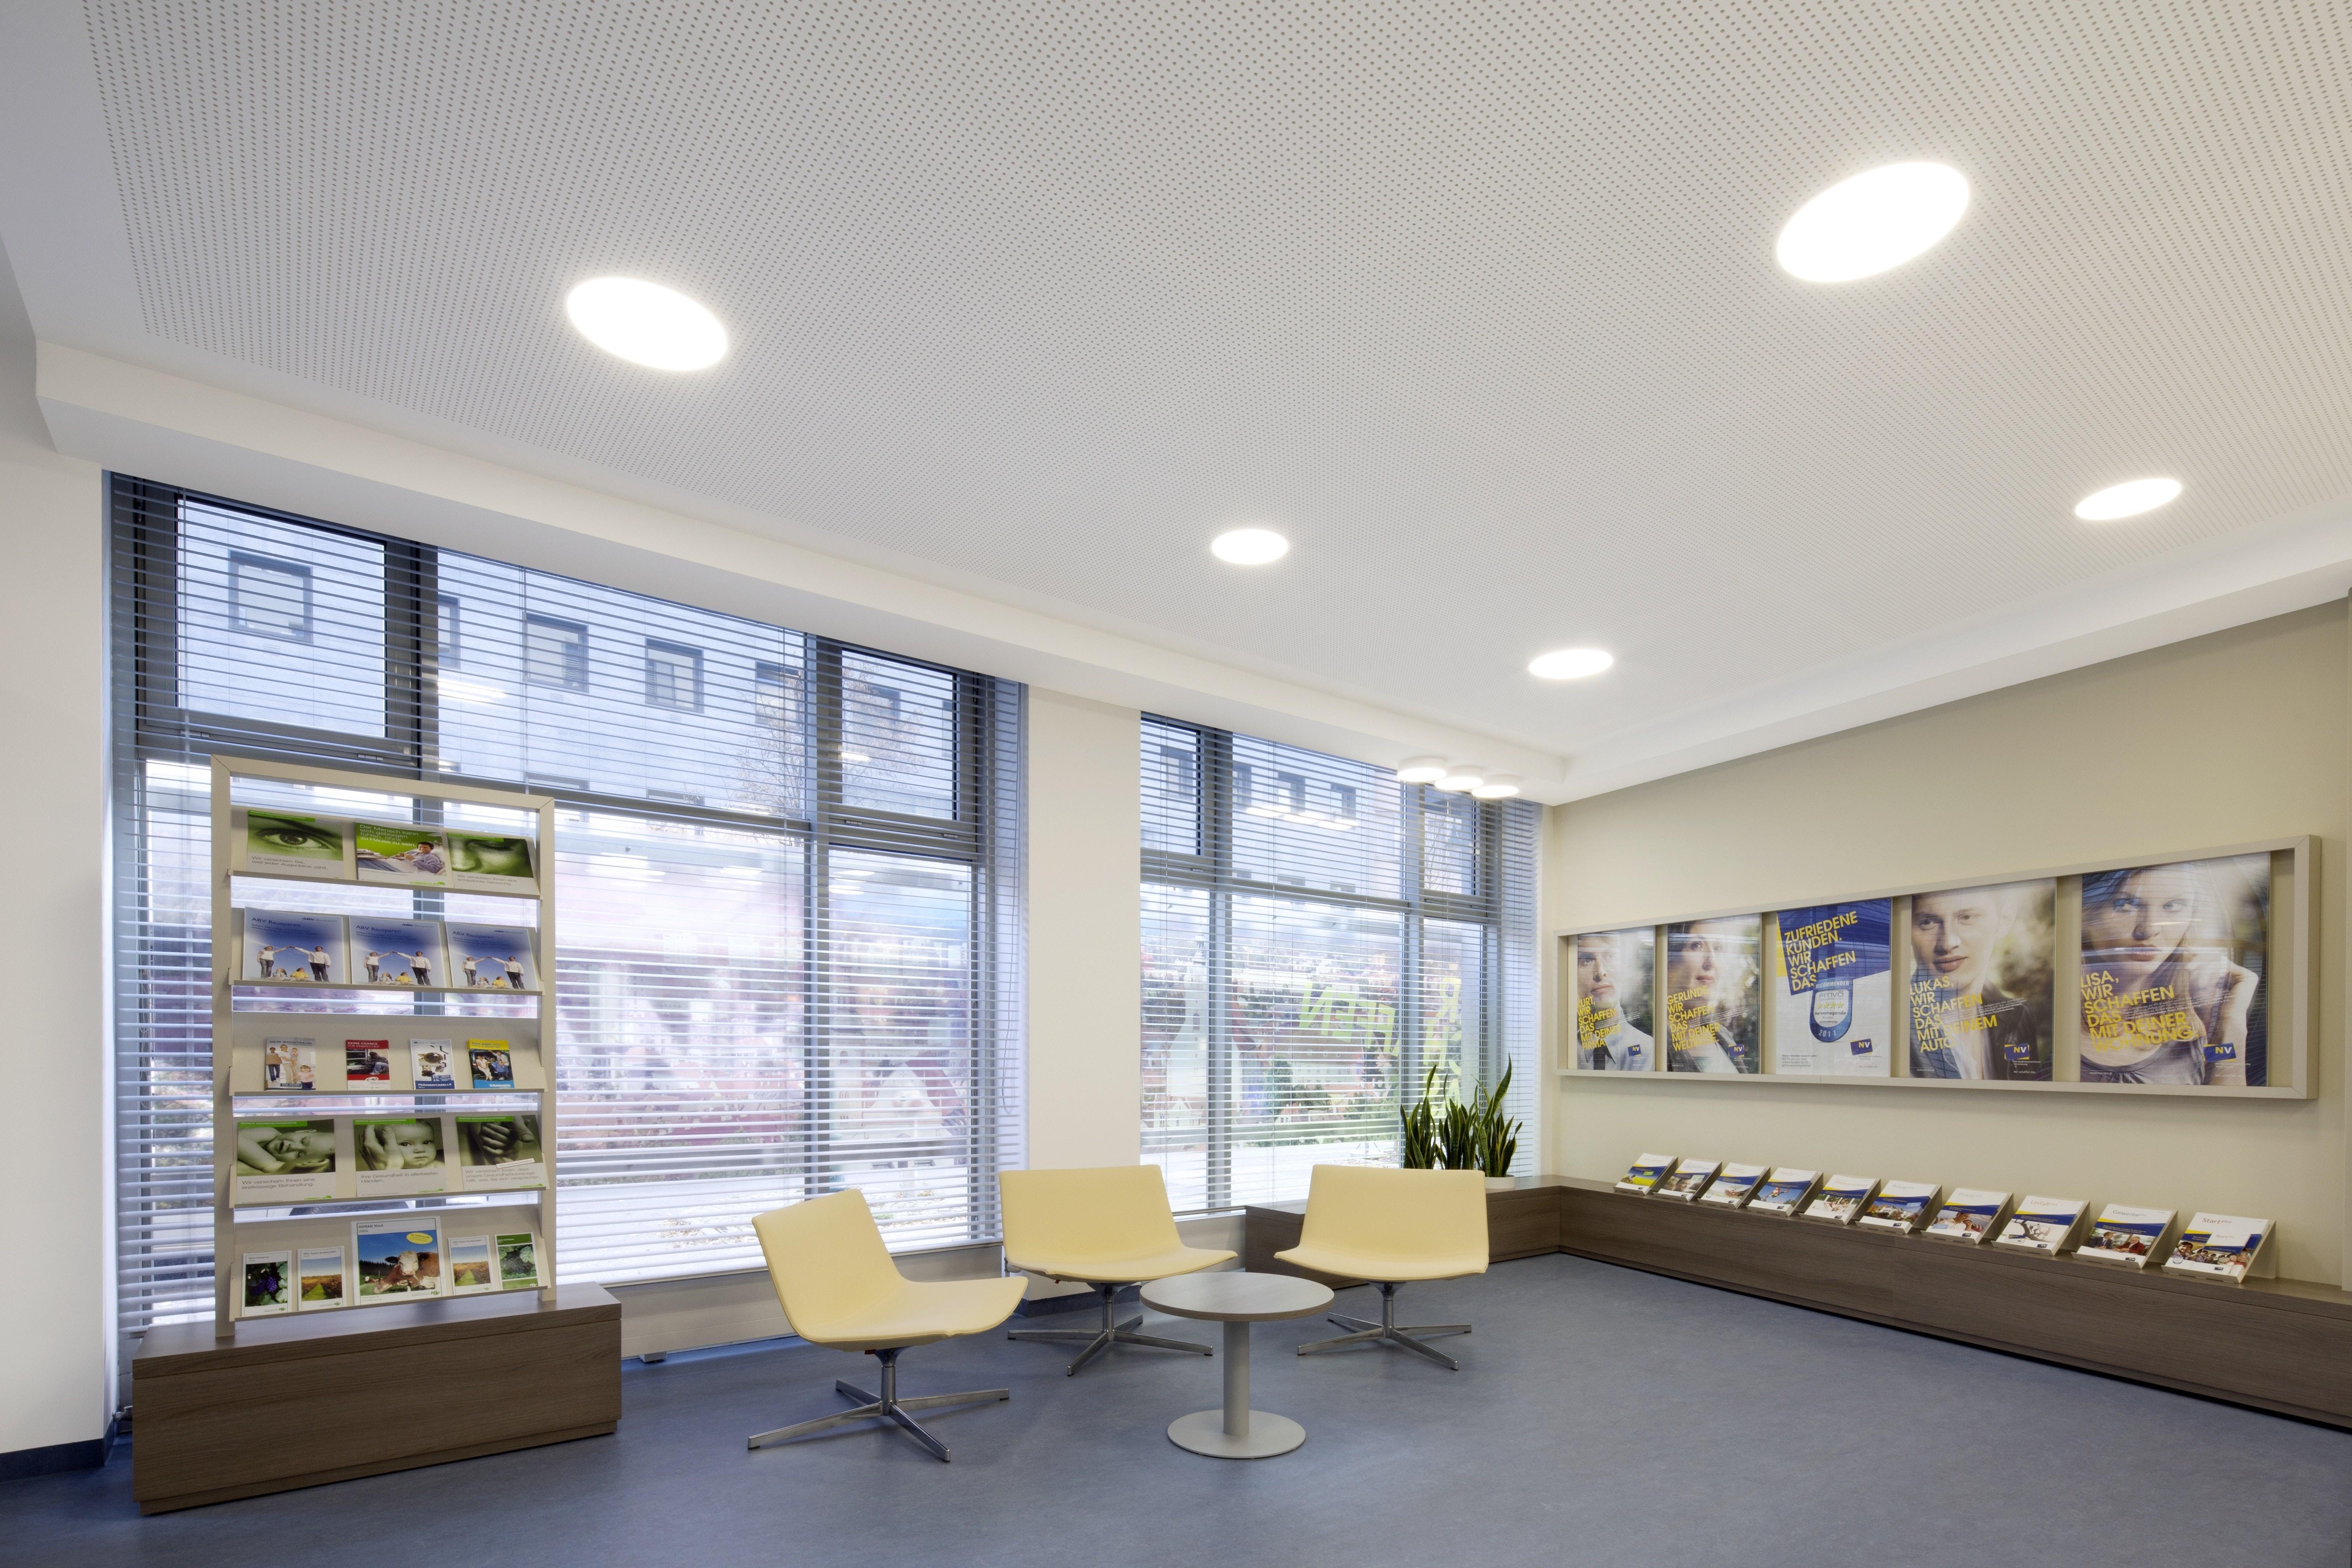 ... Nieder Stereichische Versicherung Architizer For Innenarchitekt Wien  Wohnung Innenarchitektur ...